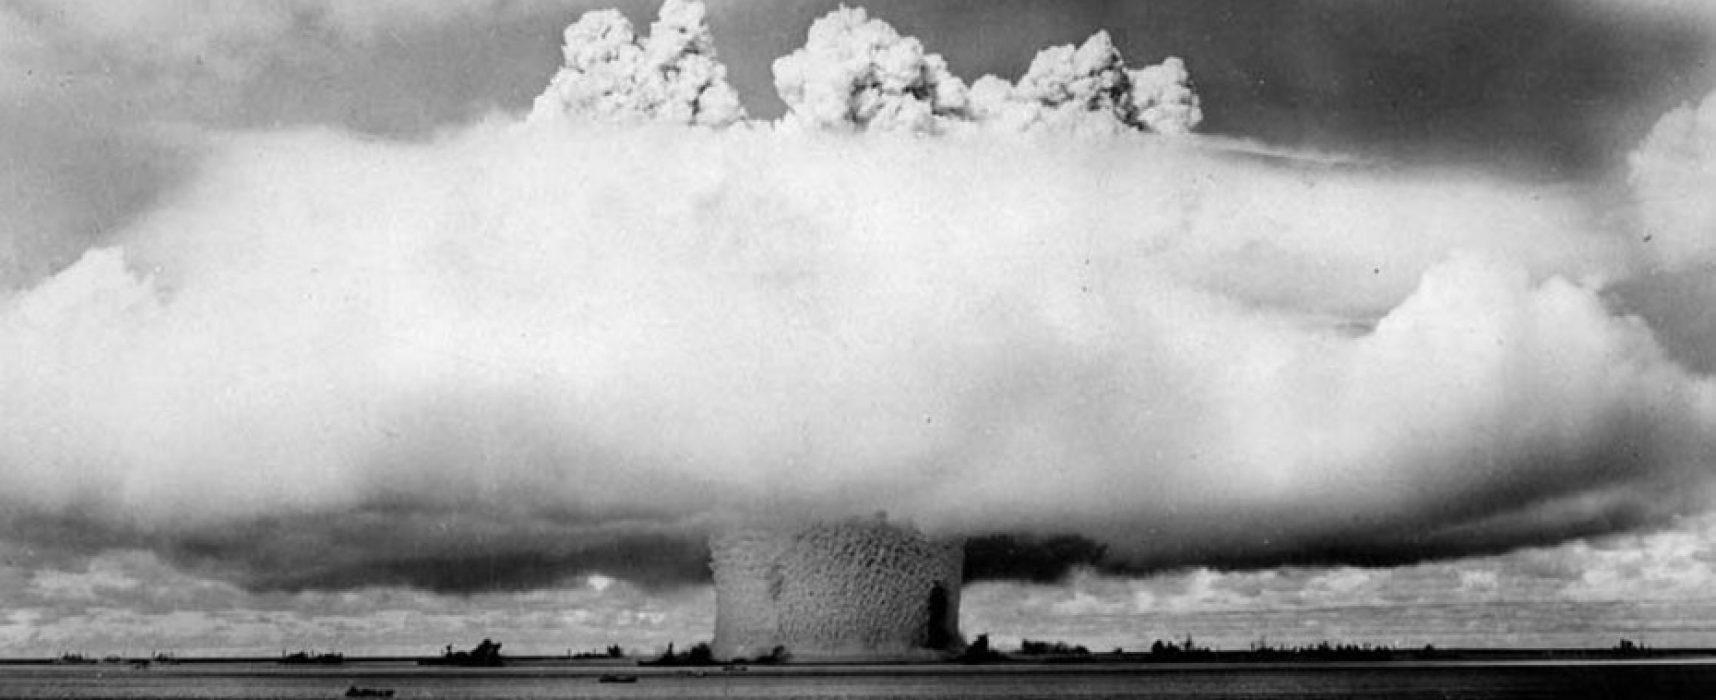 La noticia falsa que terminó en una amenaza nuclear entre Israel y Pakistán